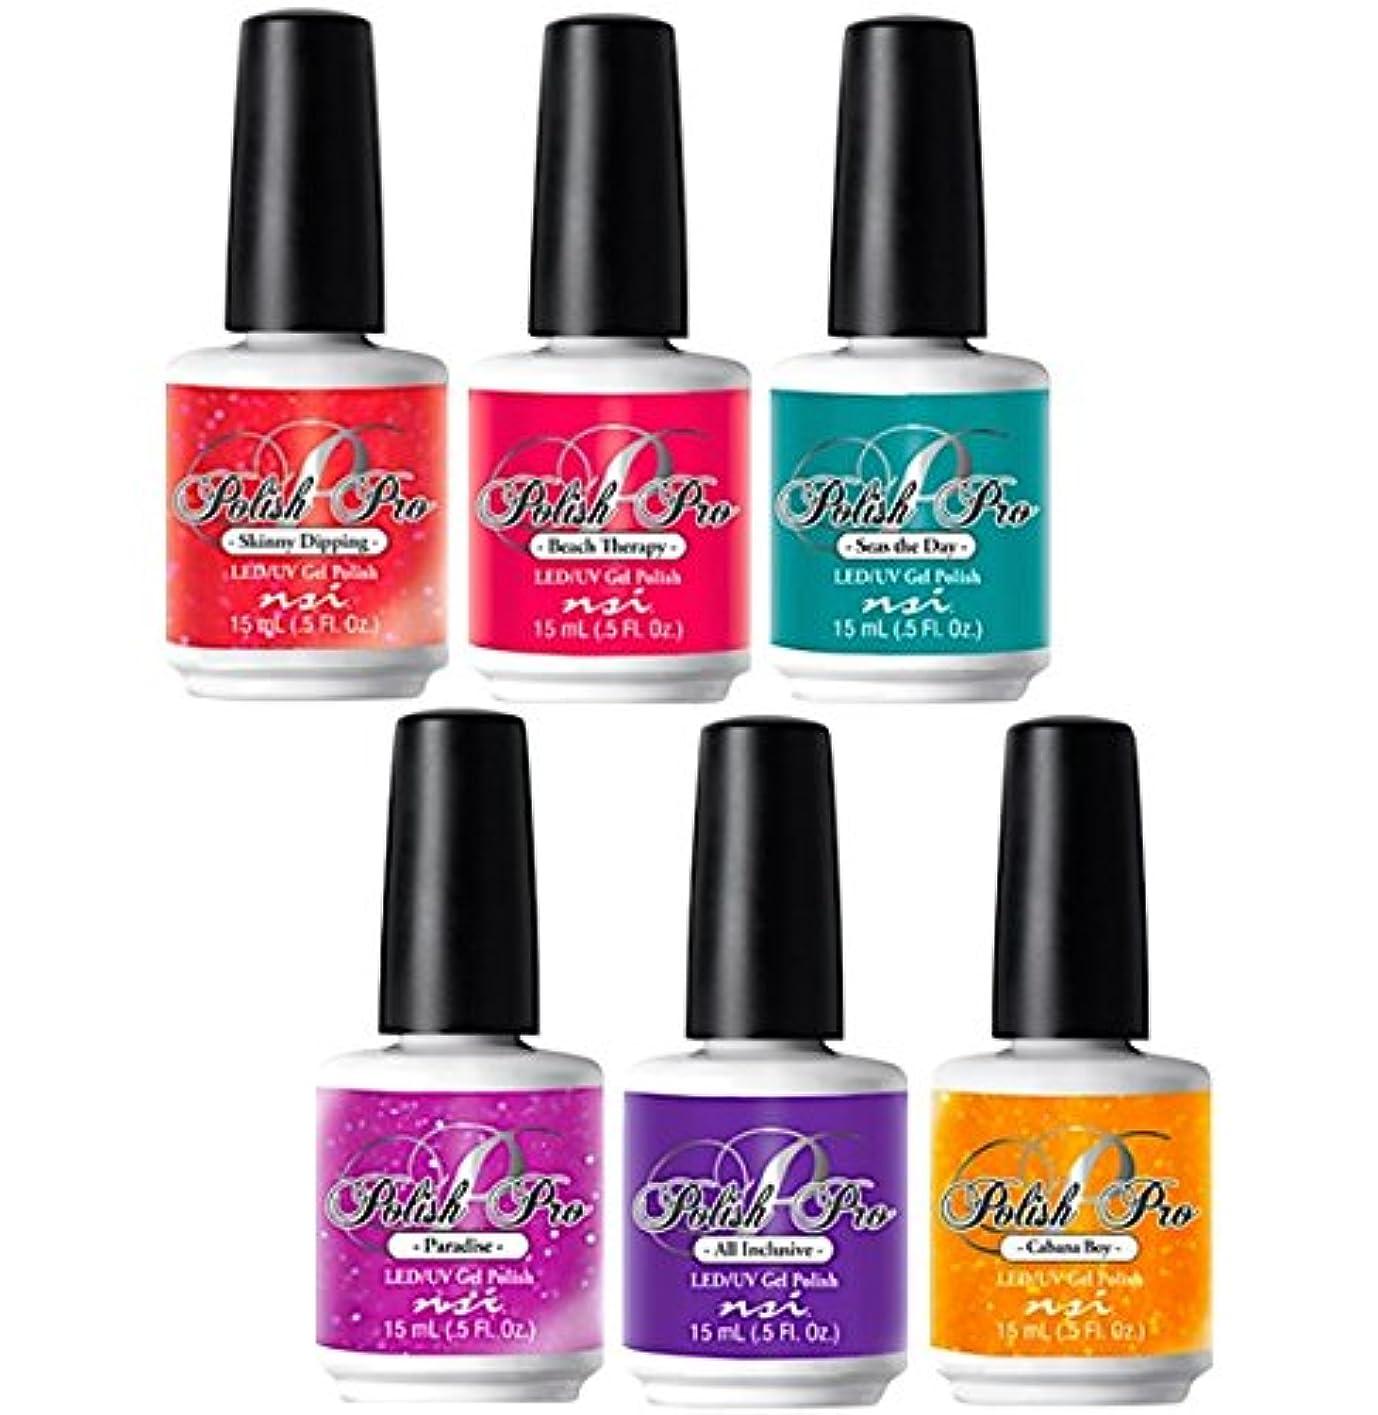 消費影響する土器NSI Polish Pro Gel Polish - The Island Resort Collection - All 6 Colors - 15 ml/0.5 oz Each